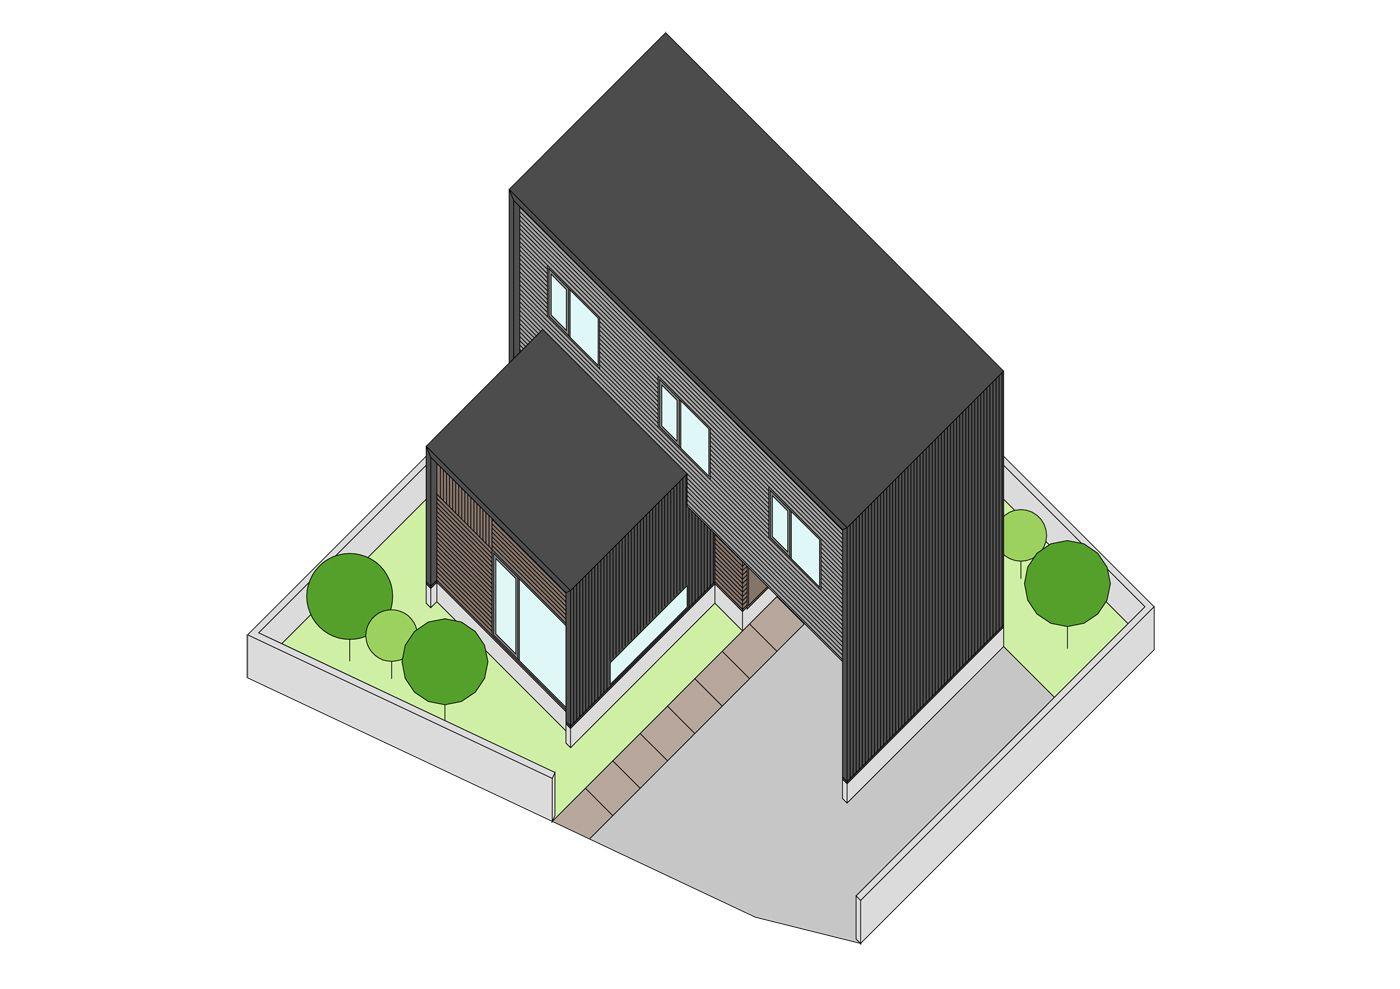 コンパクトな単身世帯住宅